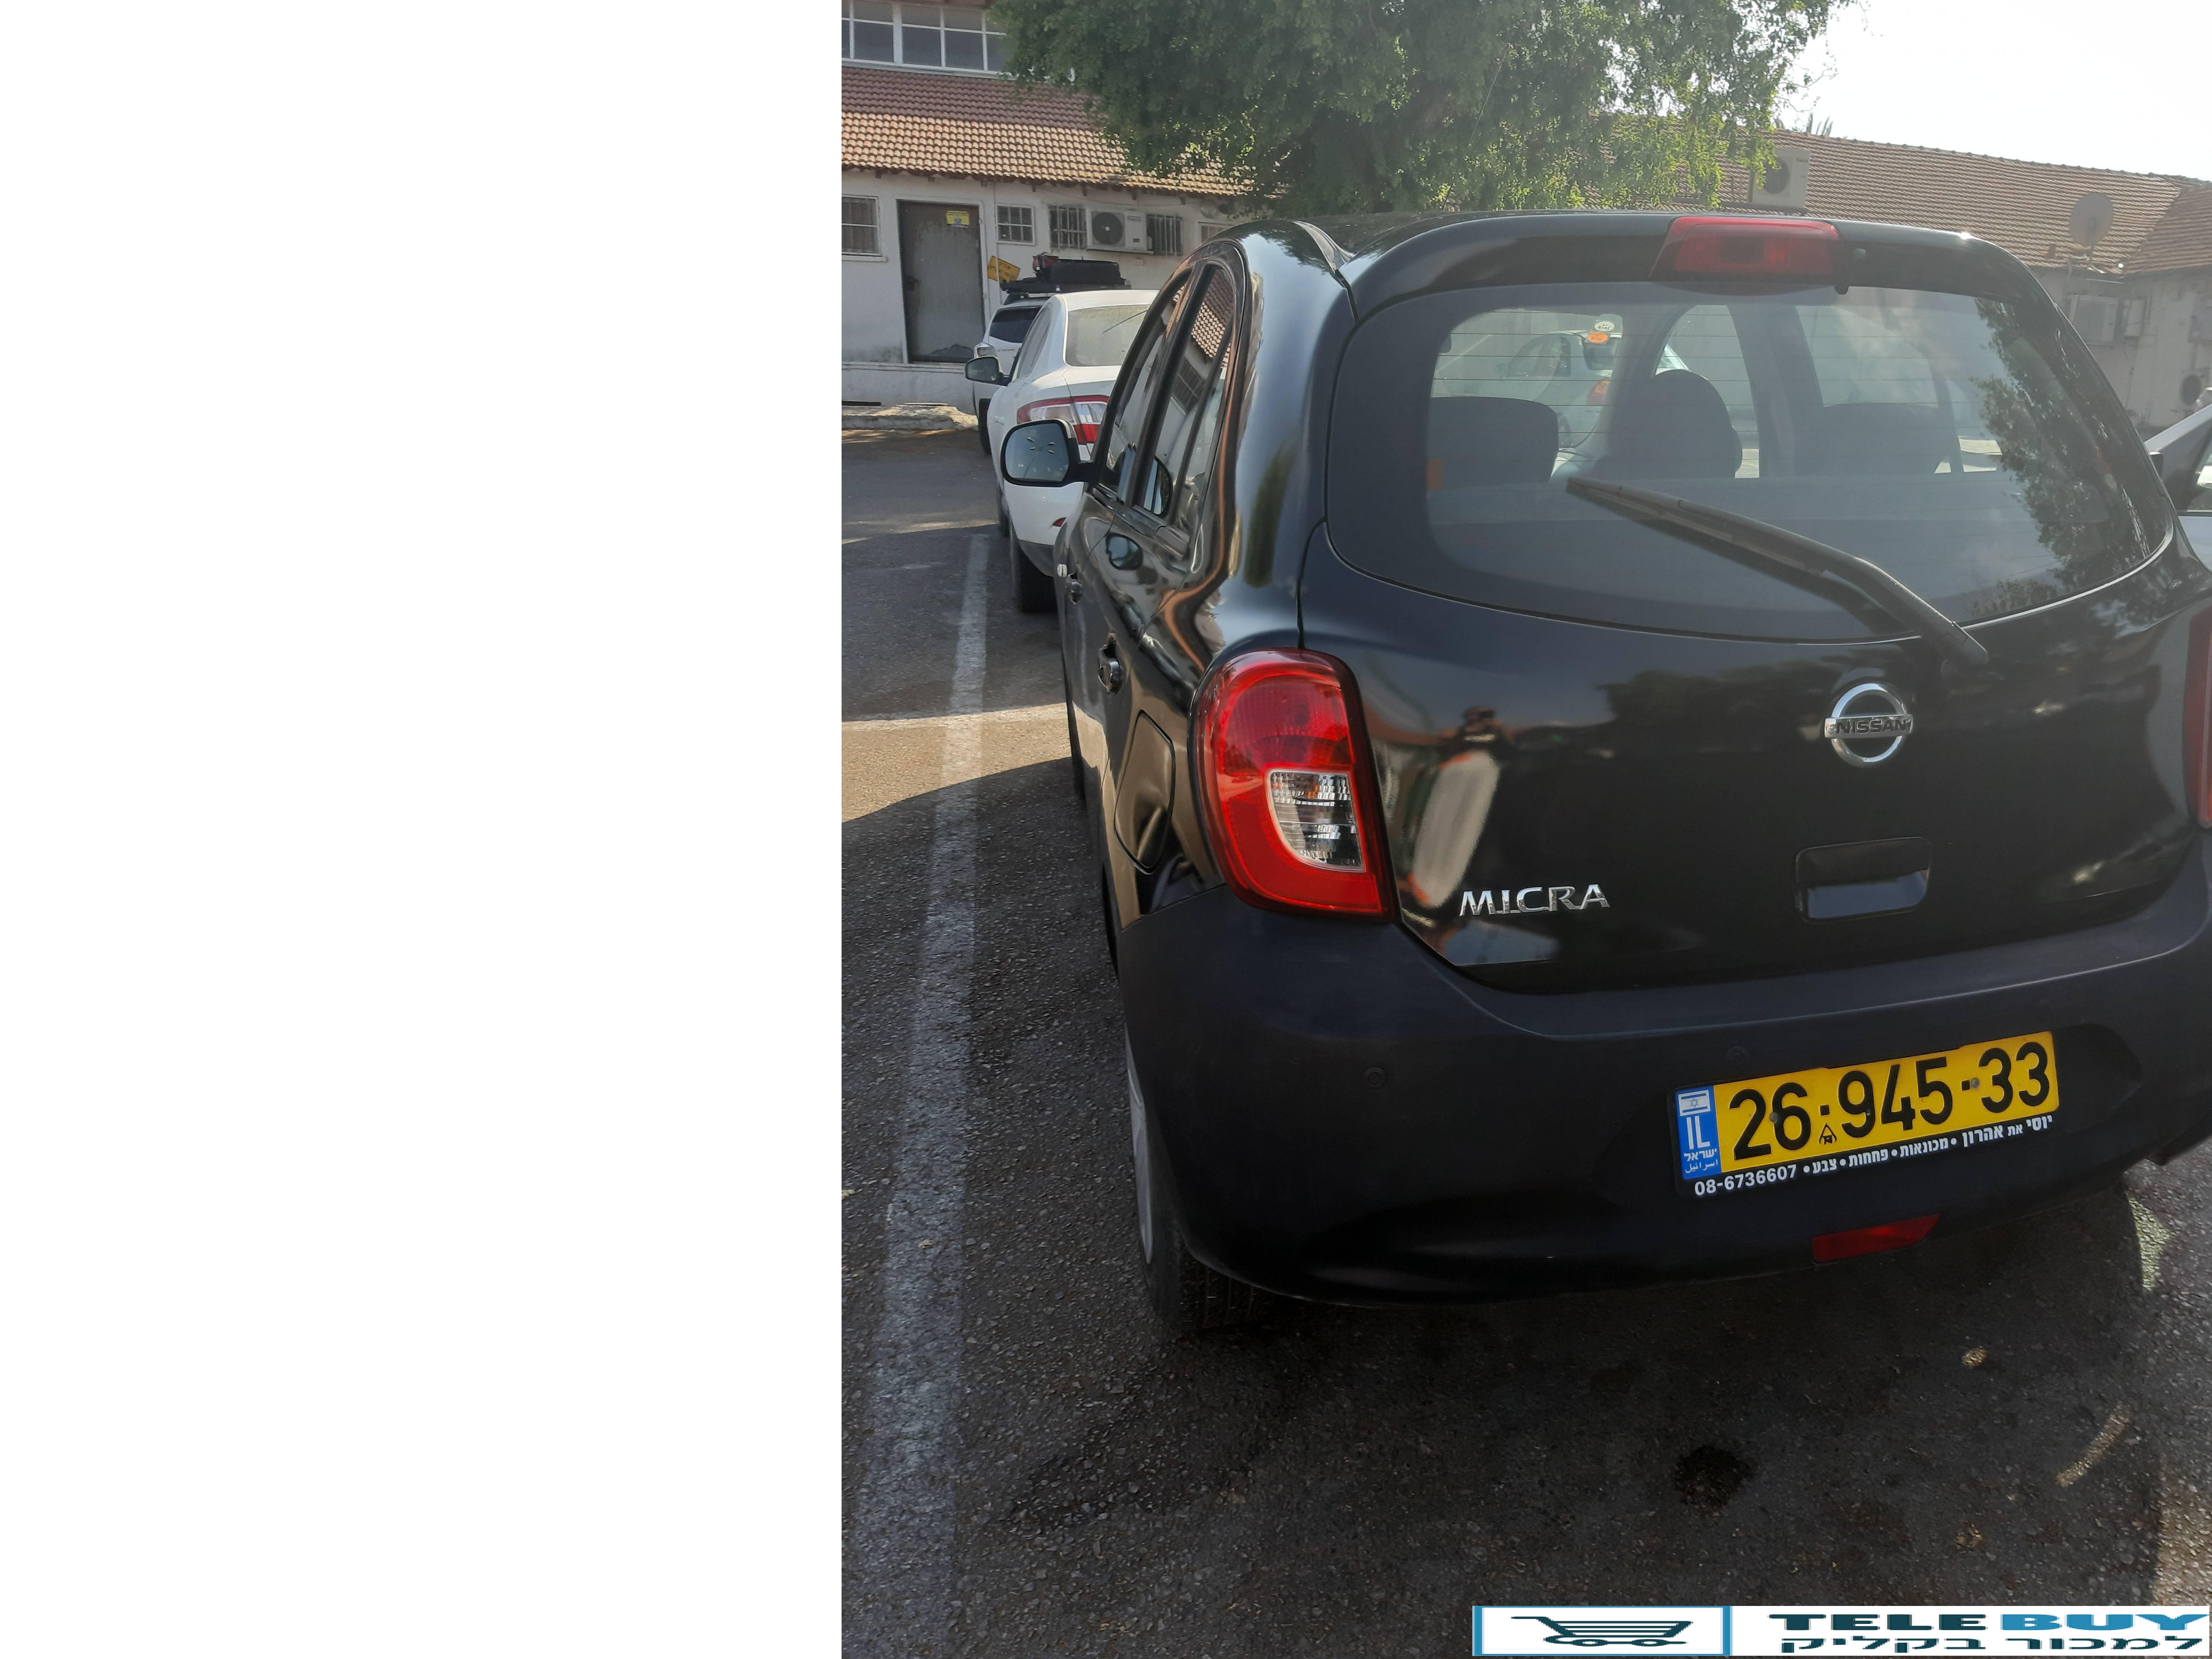 רכב פרטי ניסאן מיקרה באשדוד ואשקלון